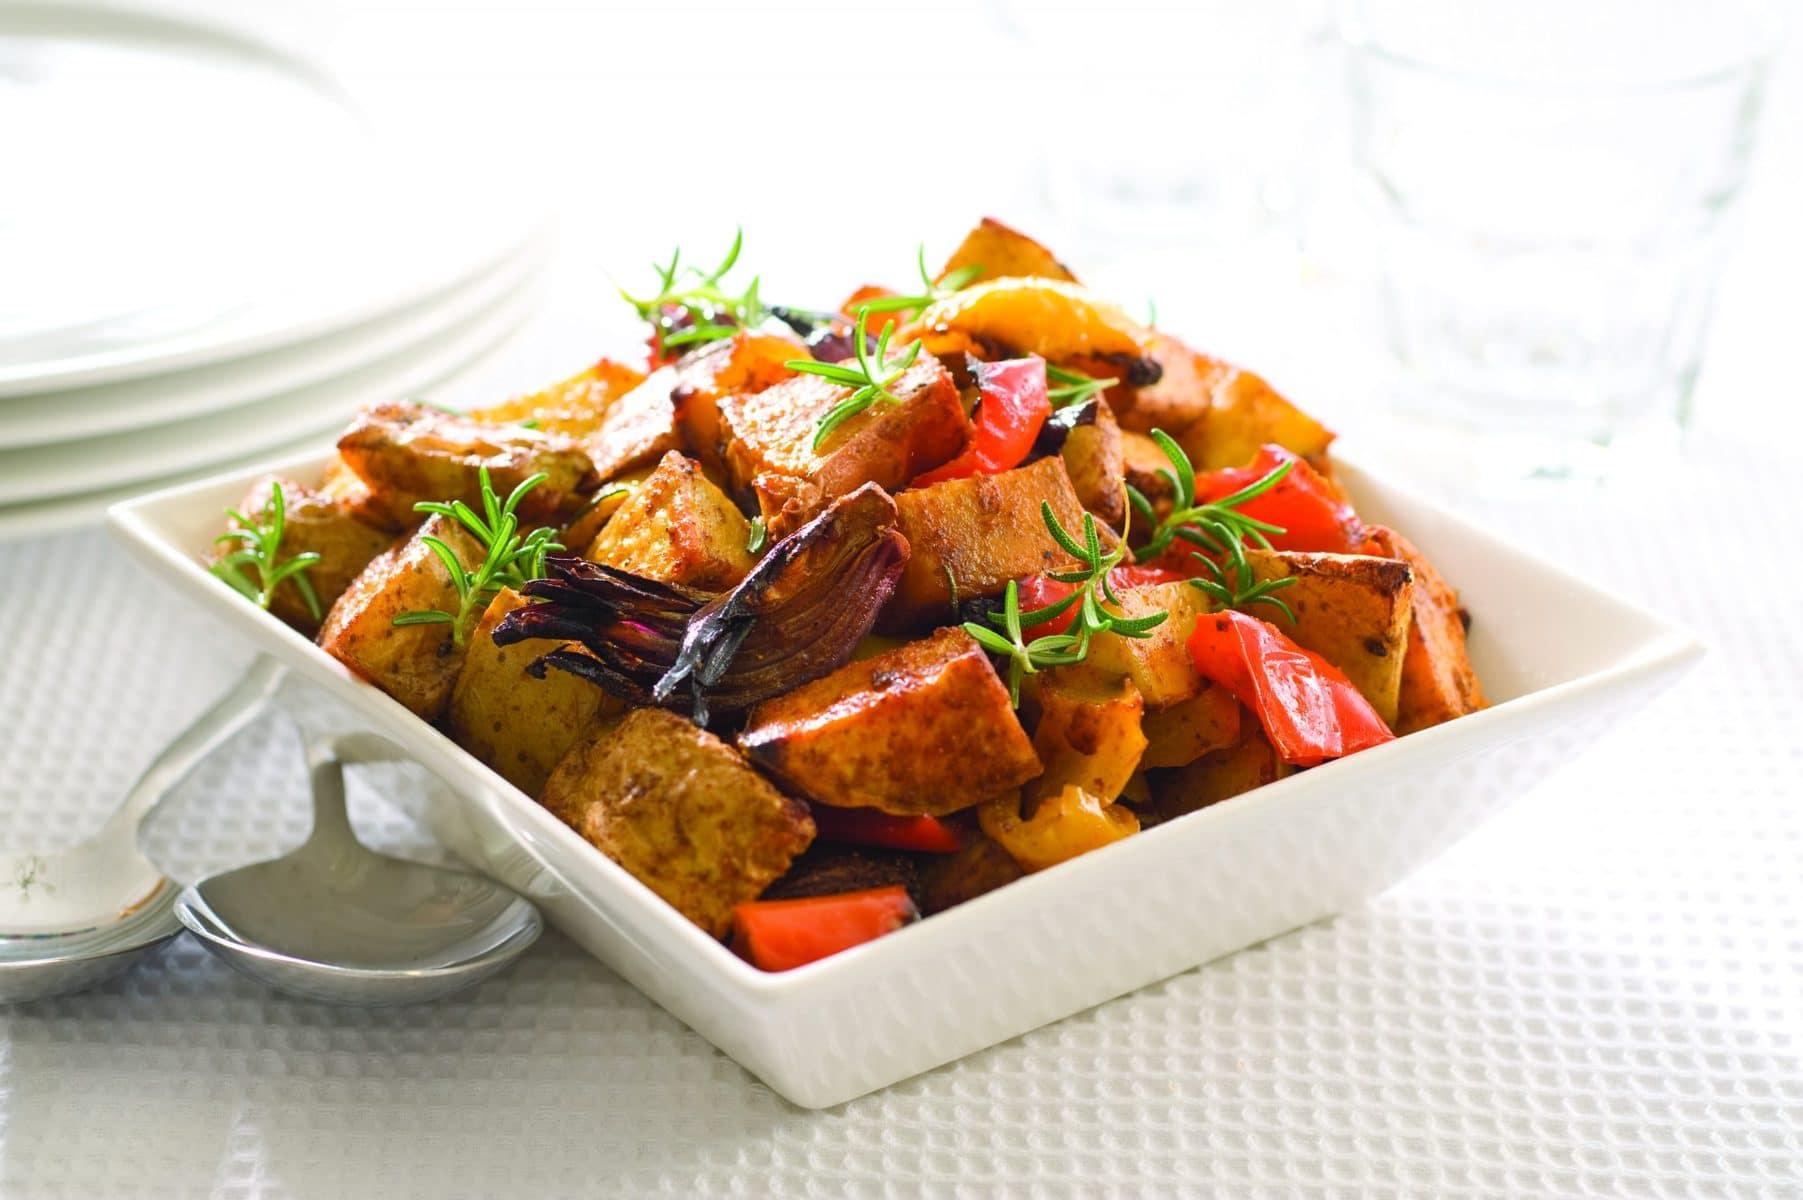 Cubed roasted vegetables